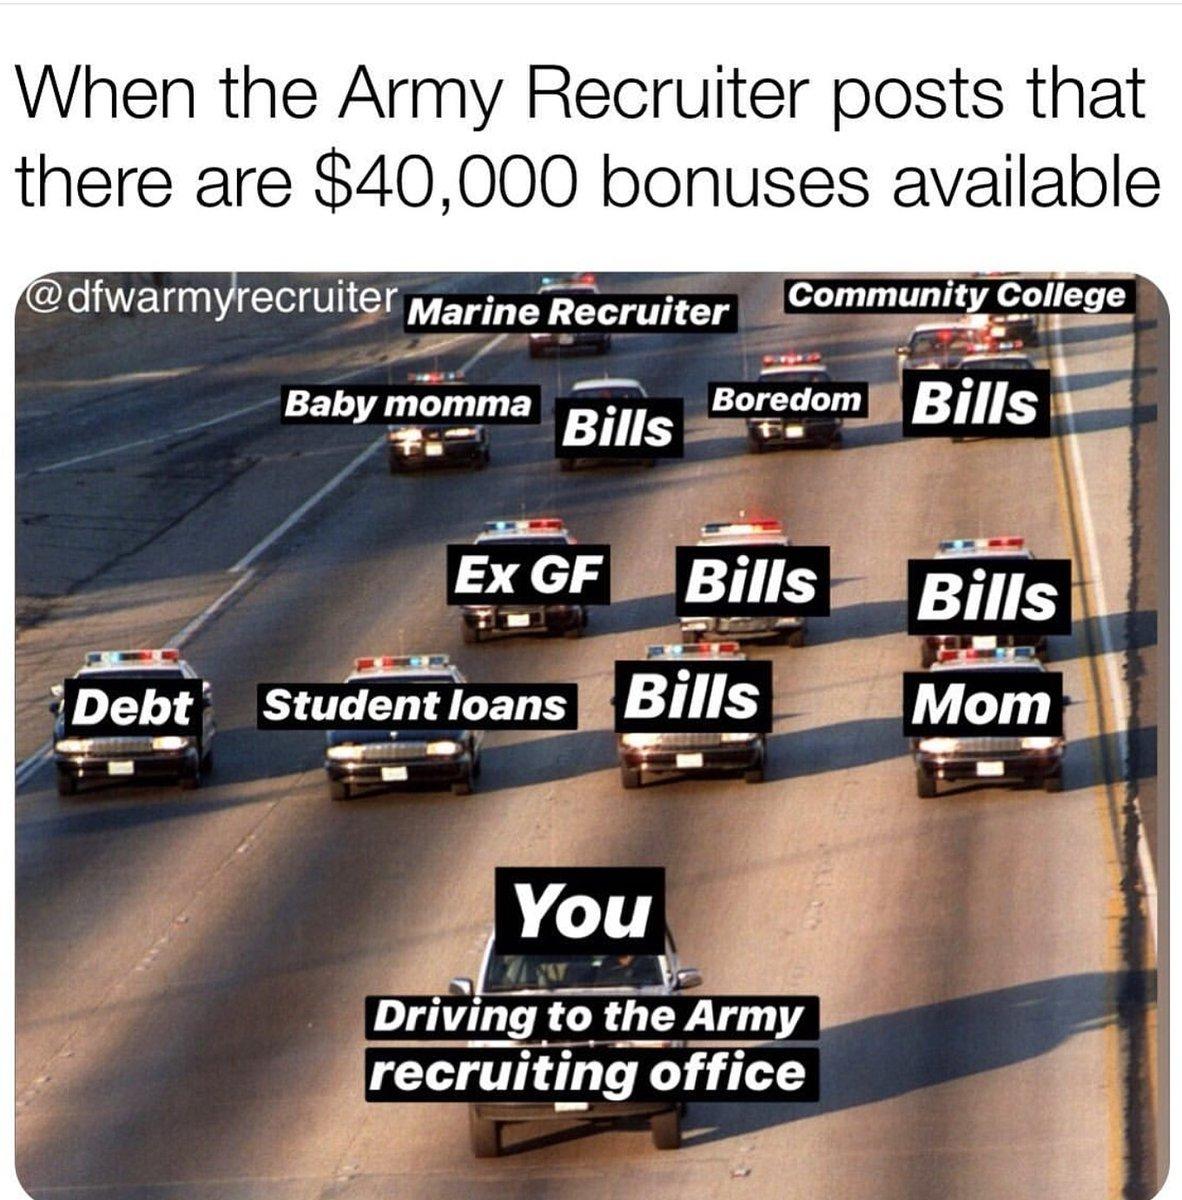 #memed #memez #toledo #memes #meme #dankmemes #collegelife #politics #toledoohio #memes#memepage #memesespañol #memesbr #memesbrasil #memesfordays #memesgraciosos #ohio #cleveland #memesbrasileiros #armyrecruiter #militarymemes #military #militarylifepic.twitter.com/Vg7KjFGO2Z